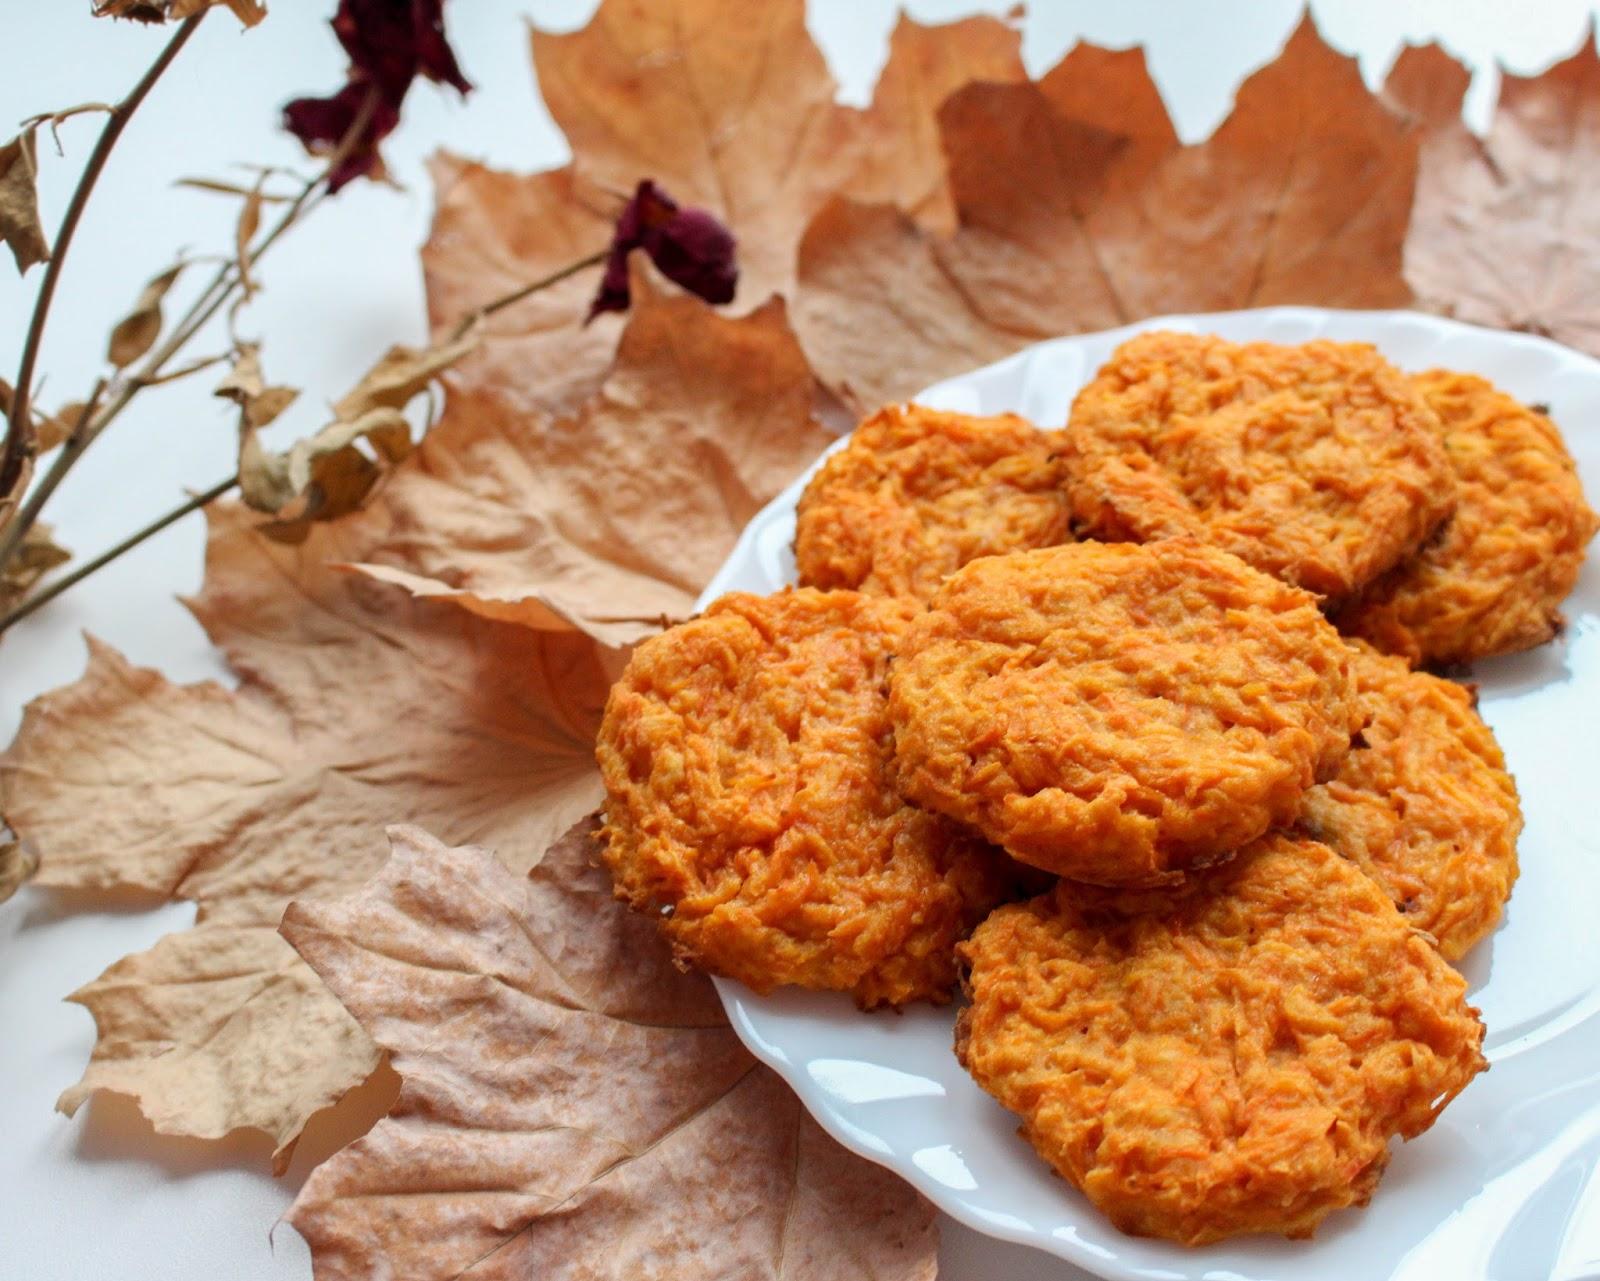 фотографий печенье морковное рецепт с фото пошагово стоматологических проблем были